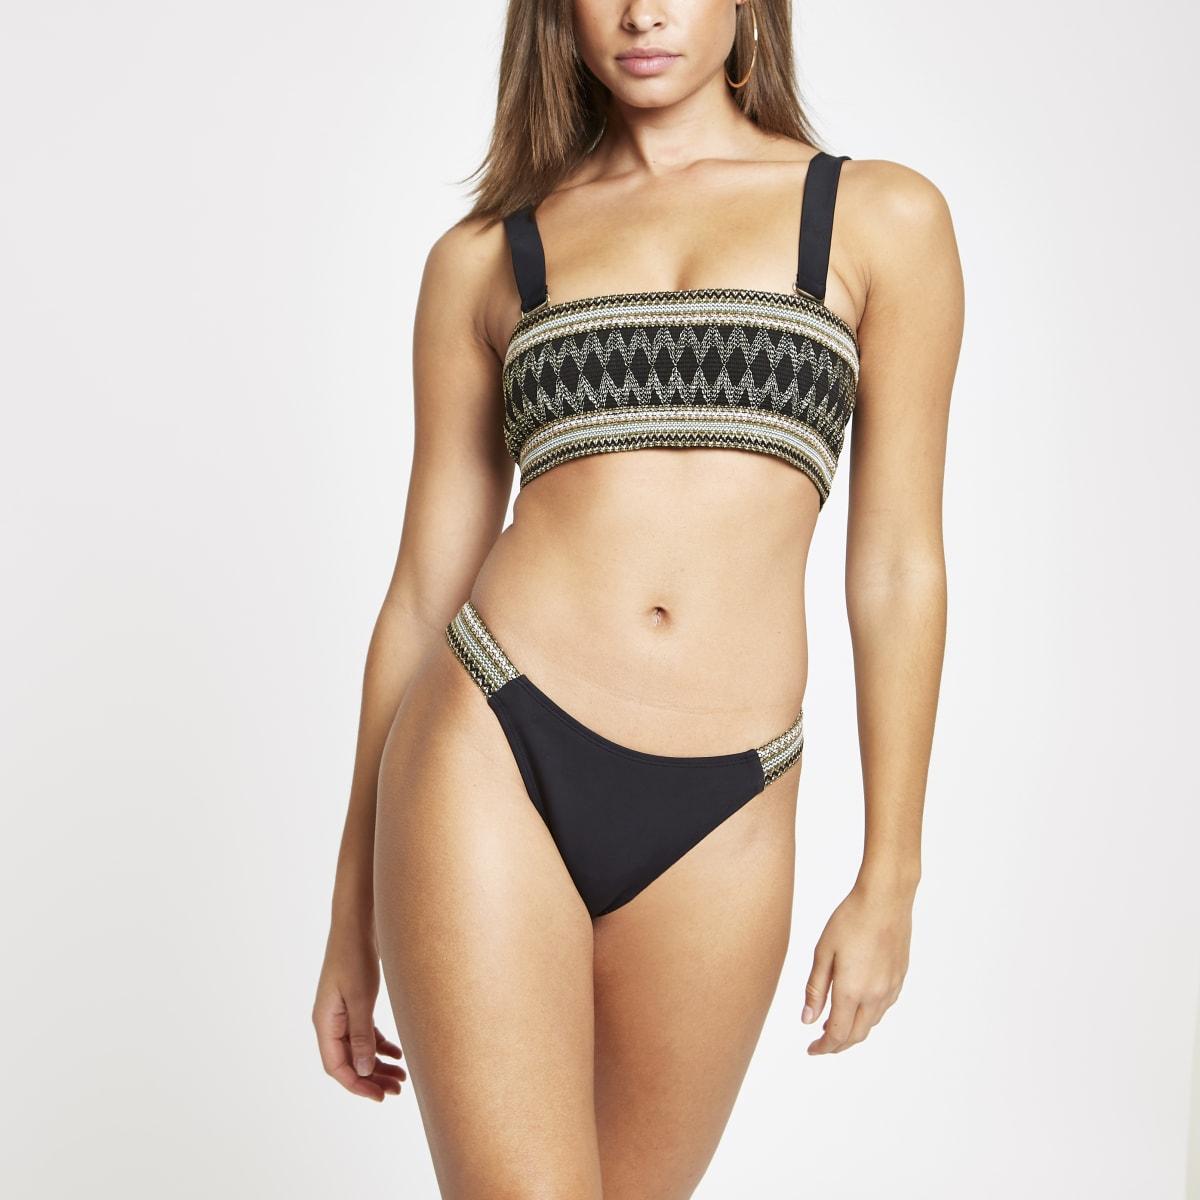 Hooguitgesneden metallic zwart bikinibroekje